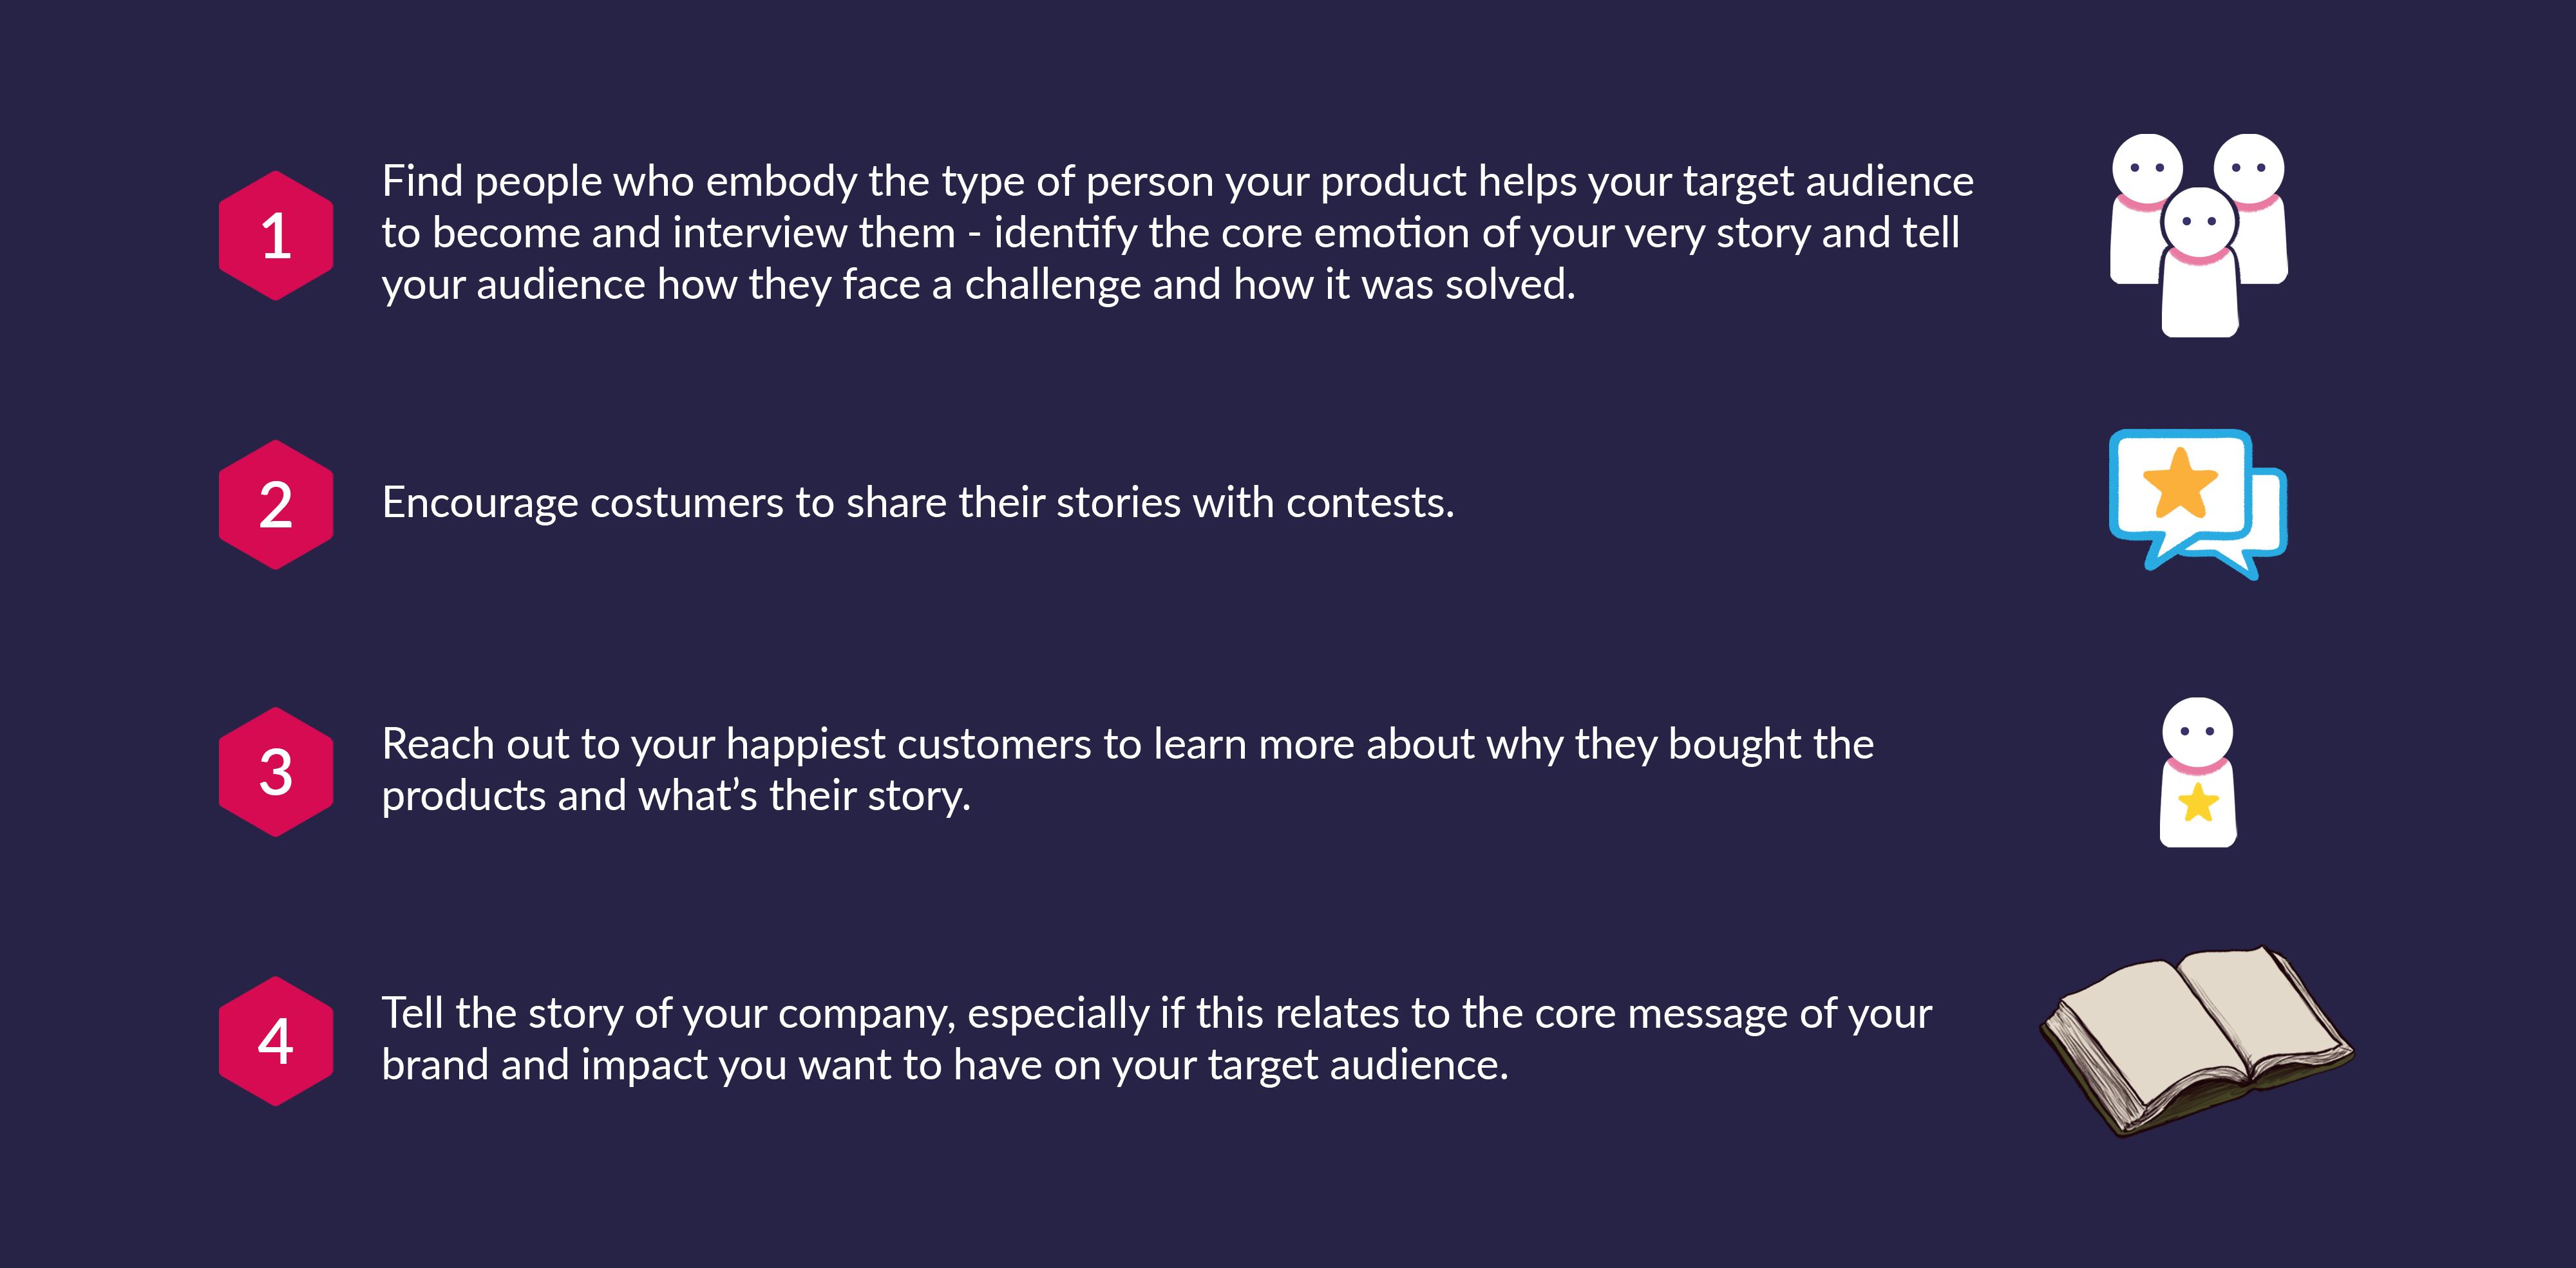 Take advantage of storytelling